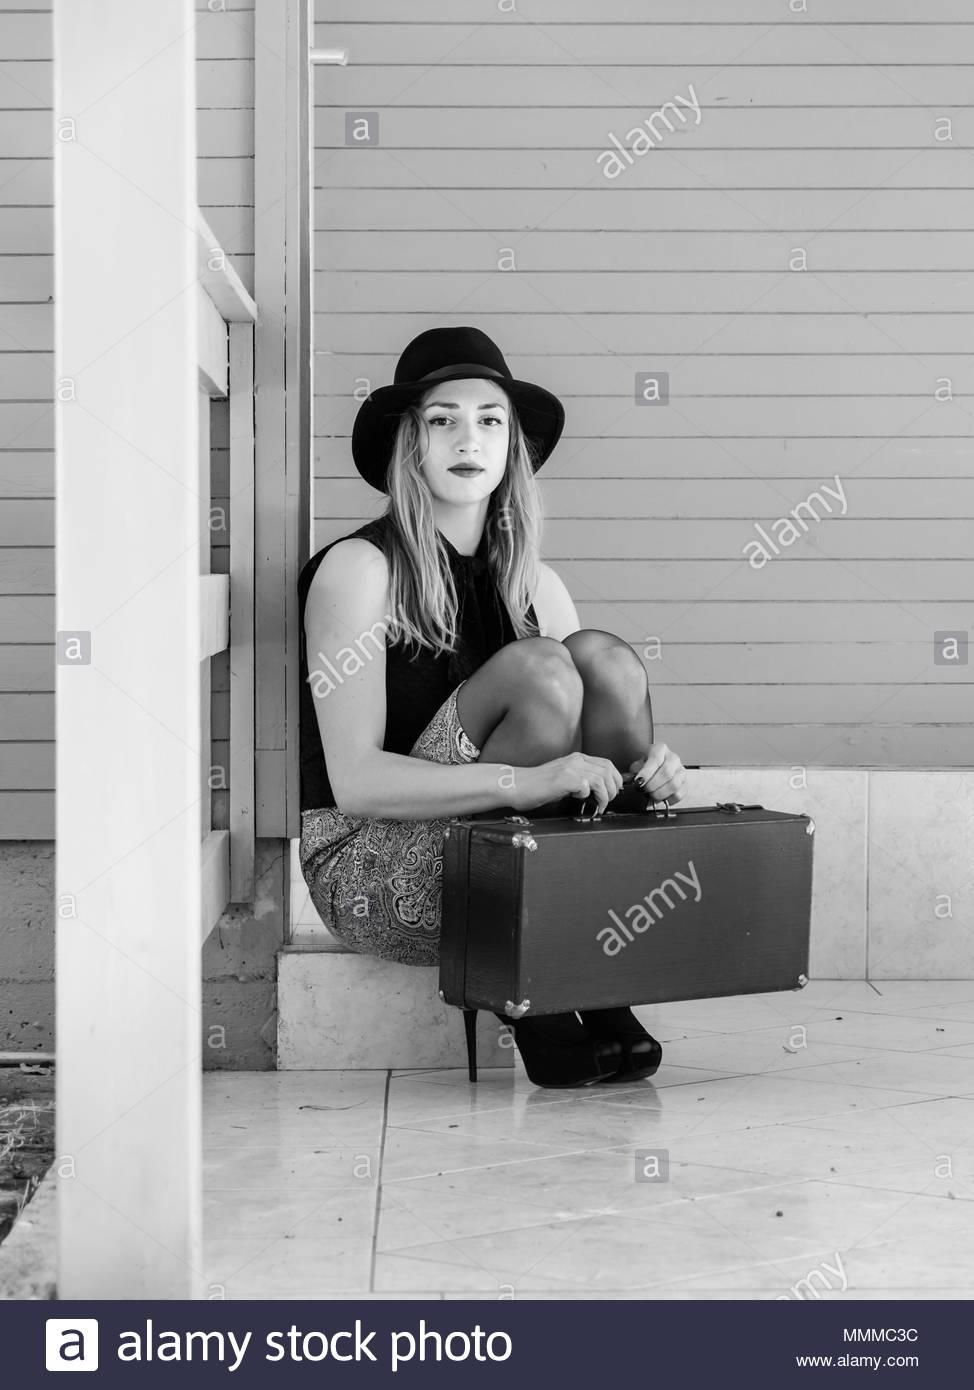 Teen girl - Stock Image